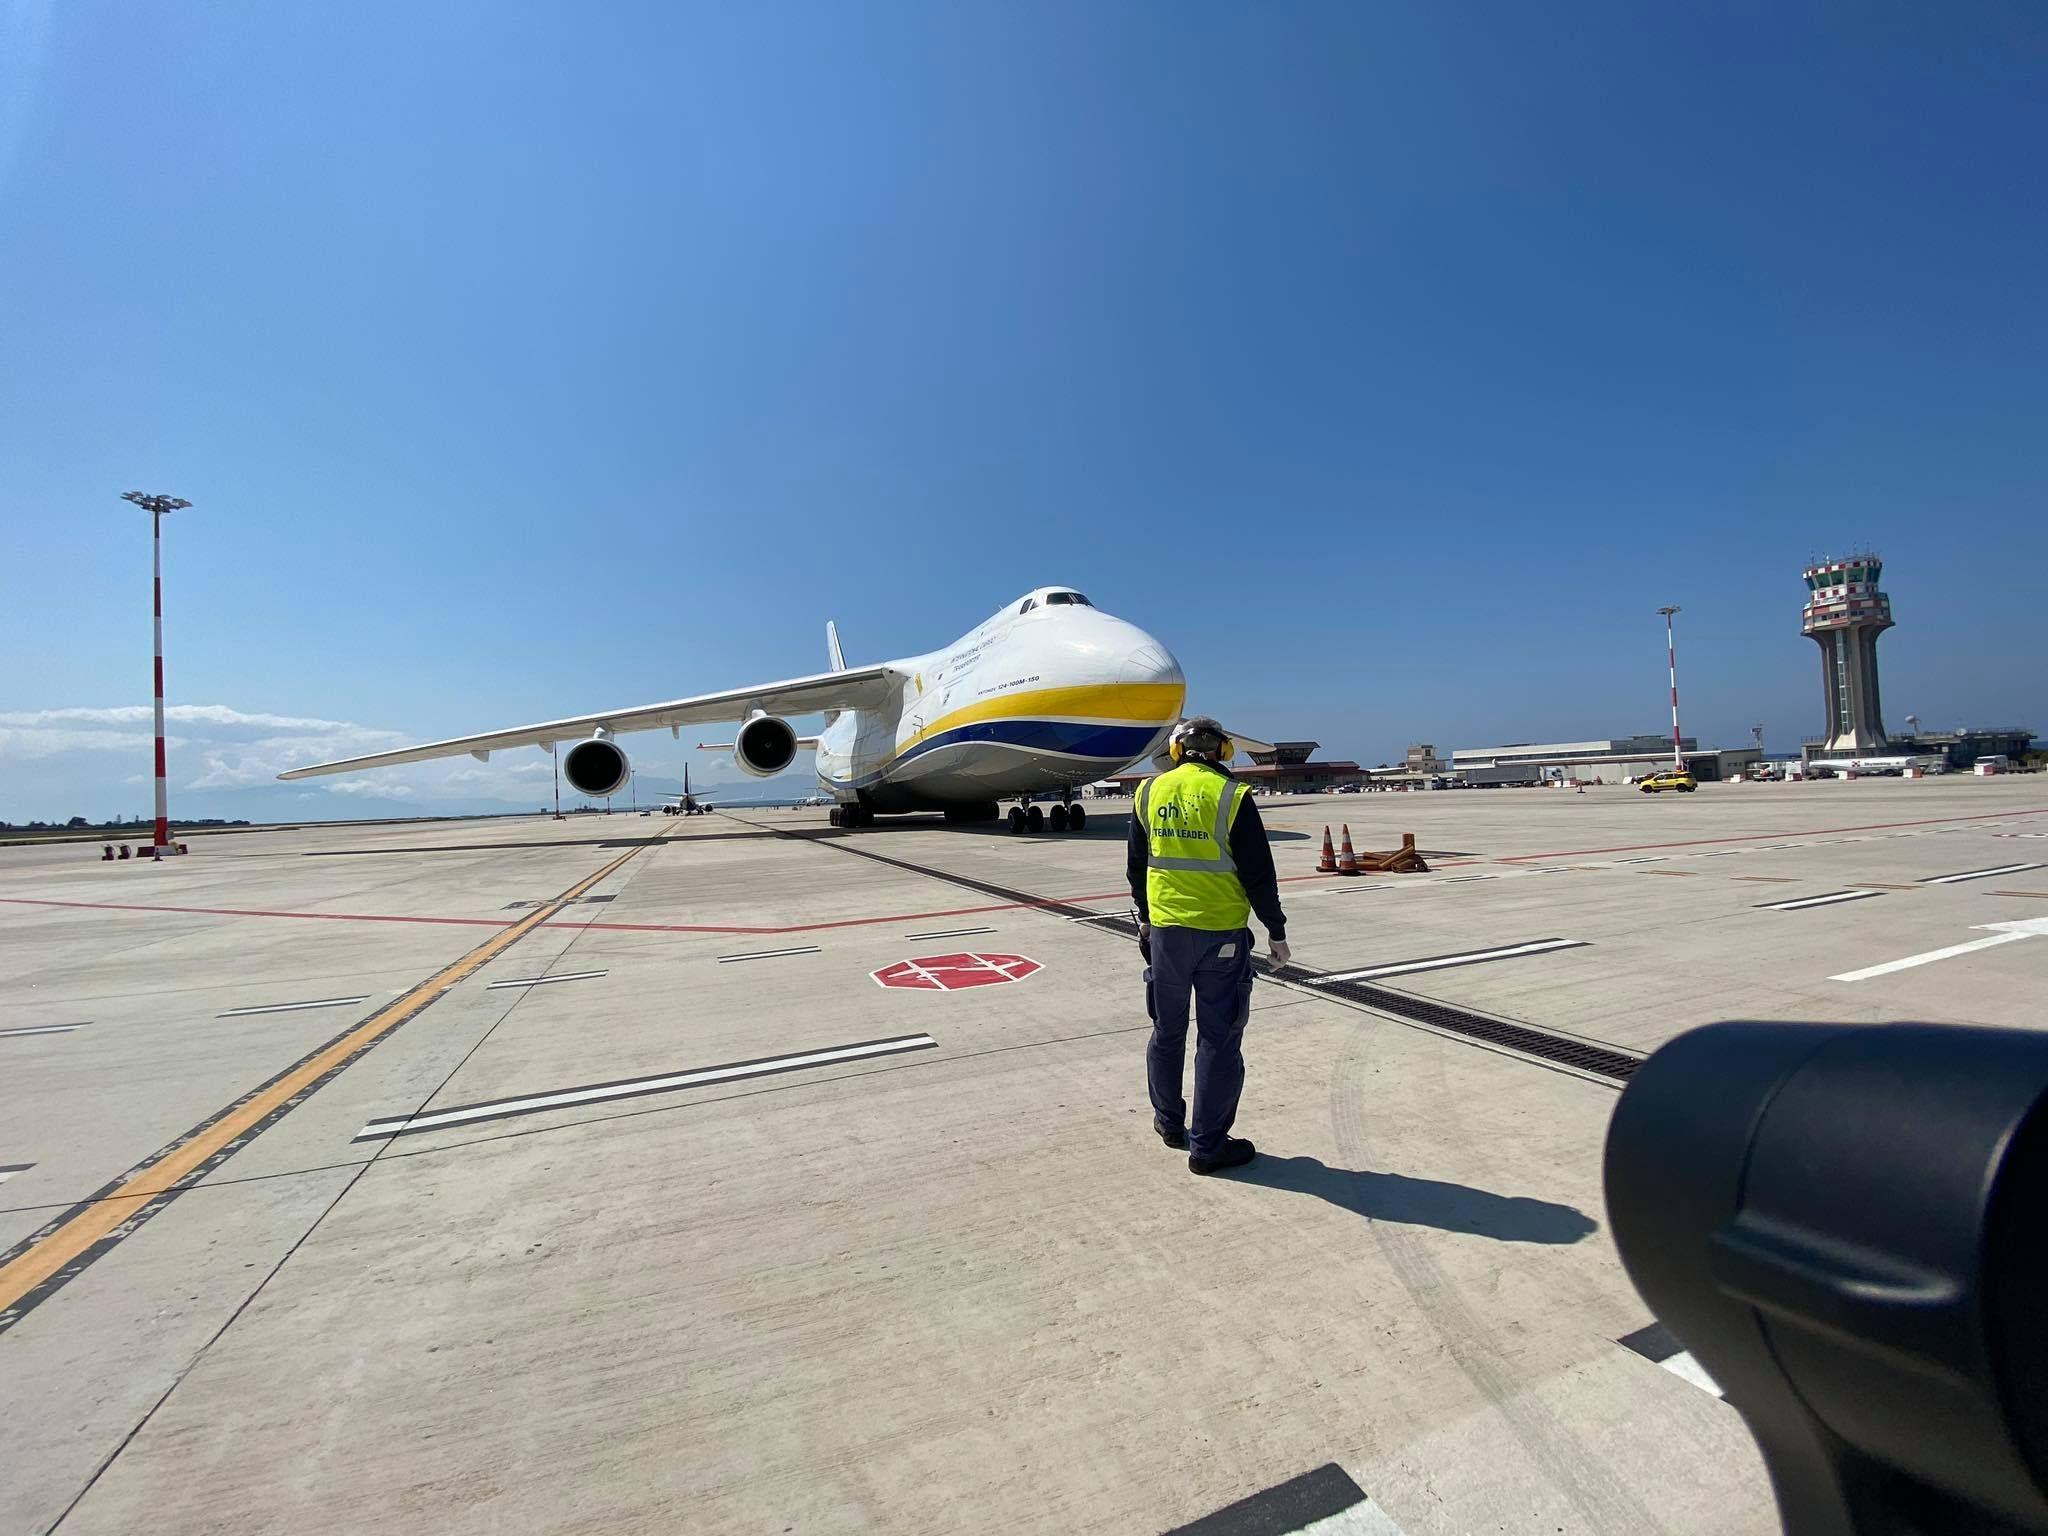 Energia Solare In Sicilia sicilia, aeroporto palermo: l'arrivo del gigante dei cieli